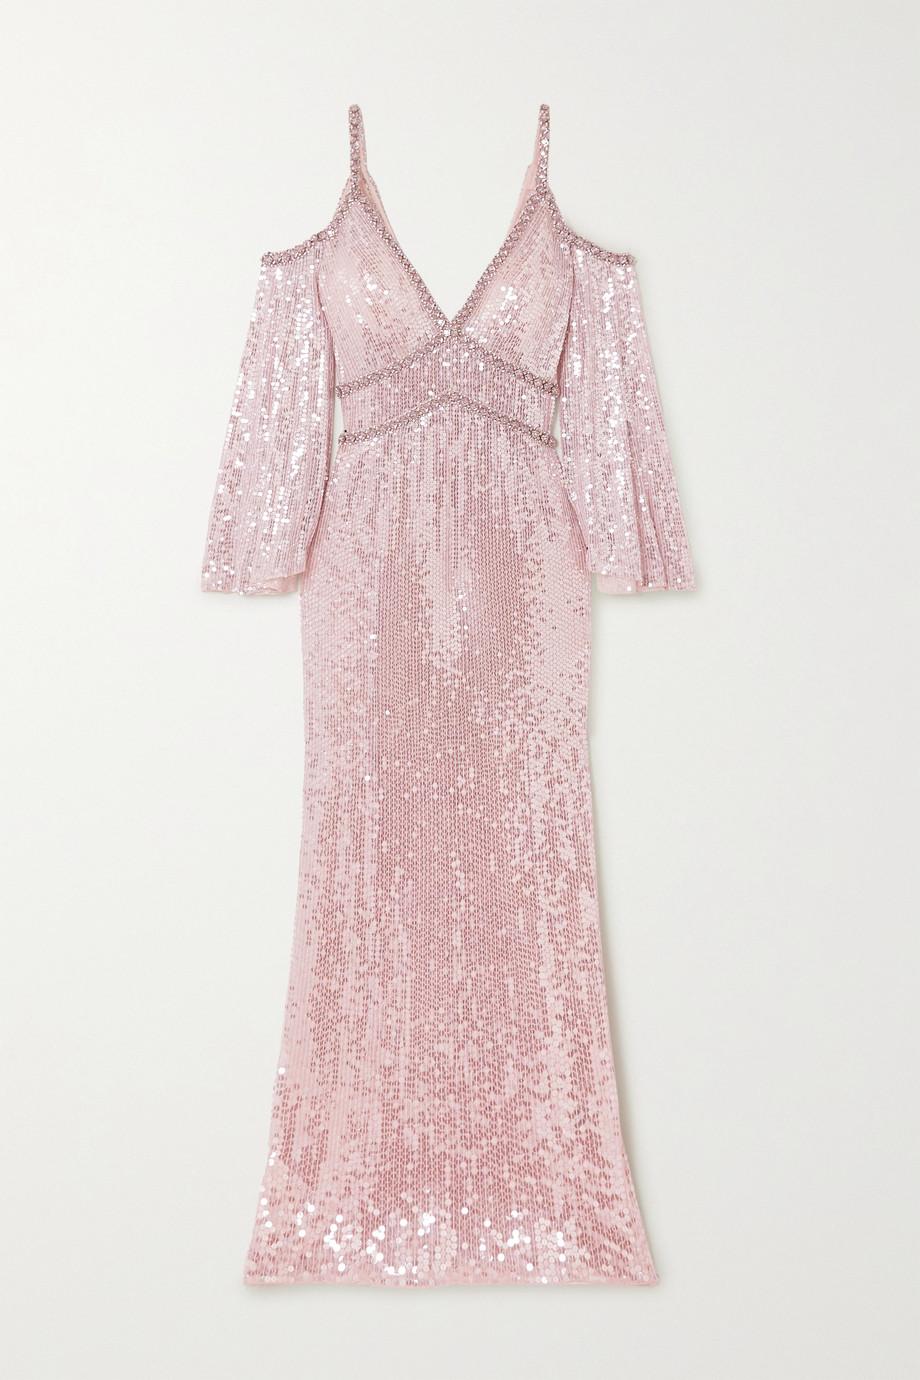 Jenny Packham Lea cold-shoulder crystal-embellished sequined tulle gown